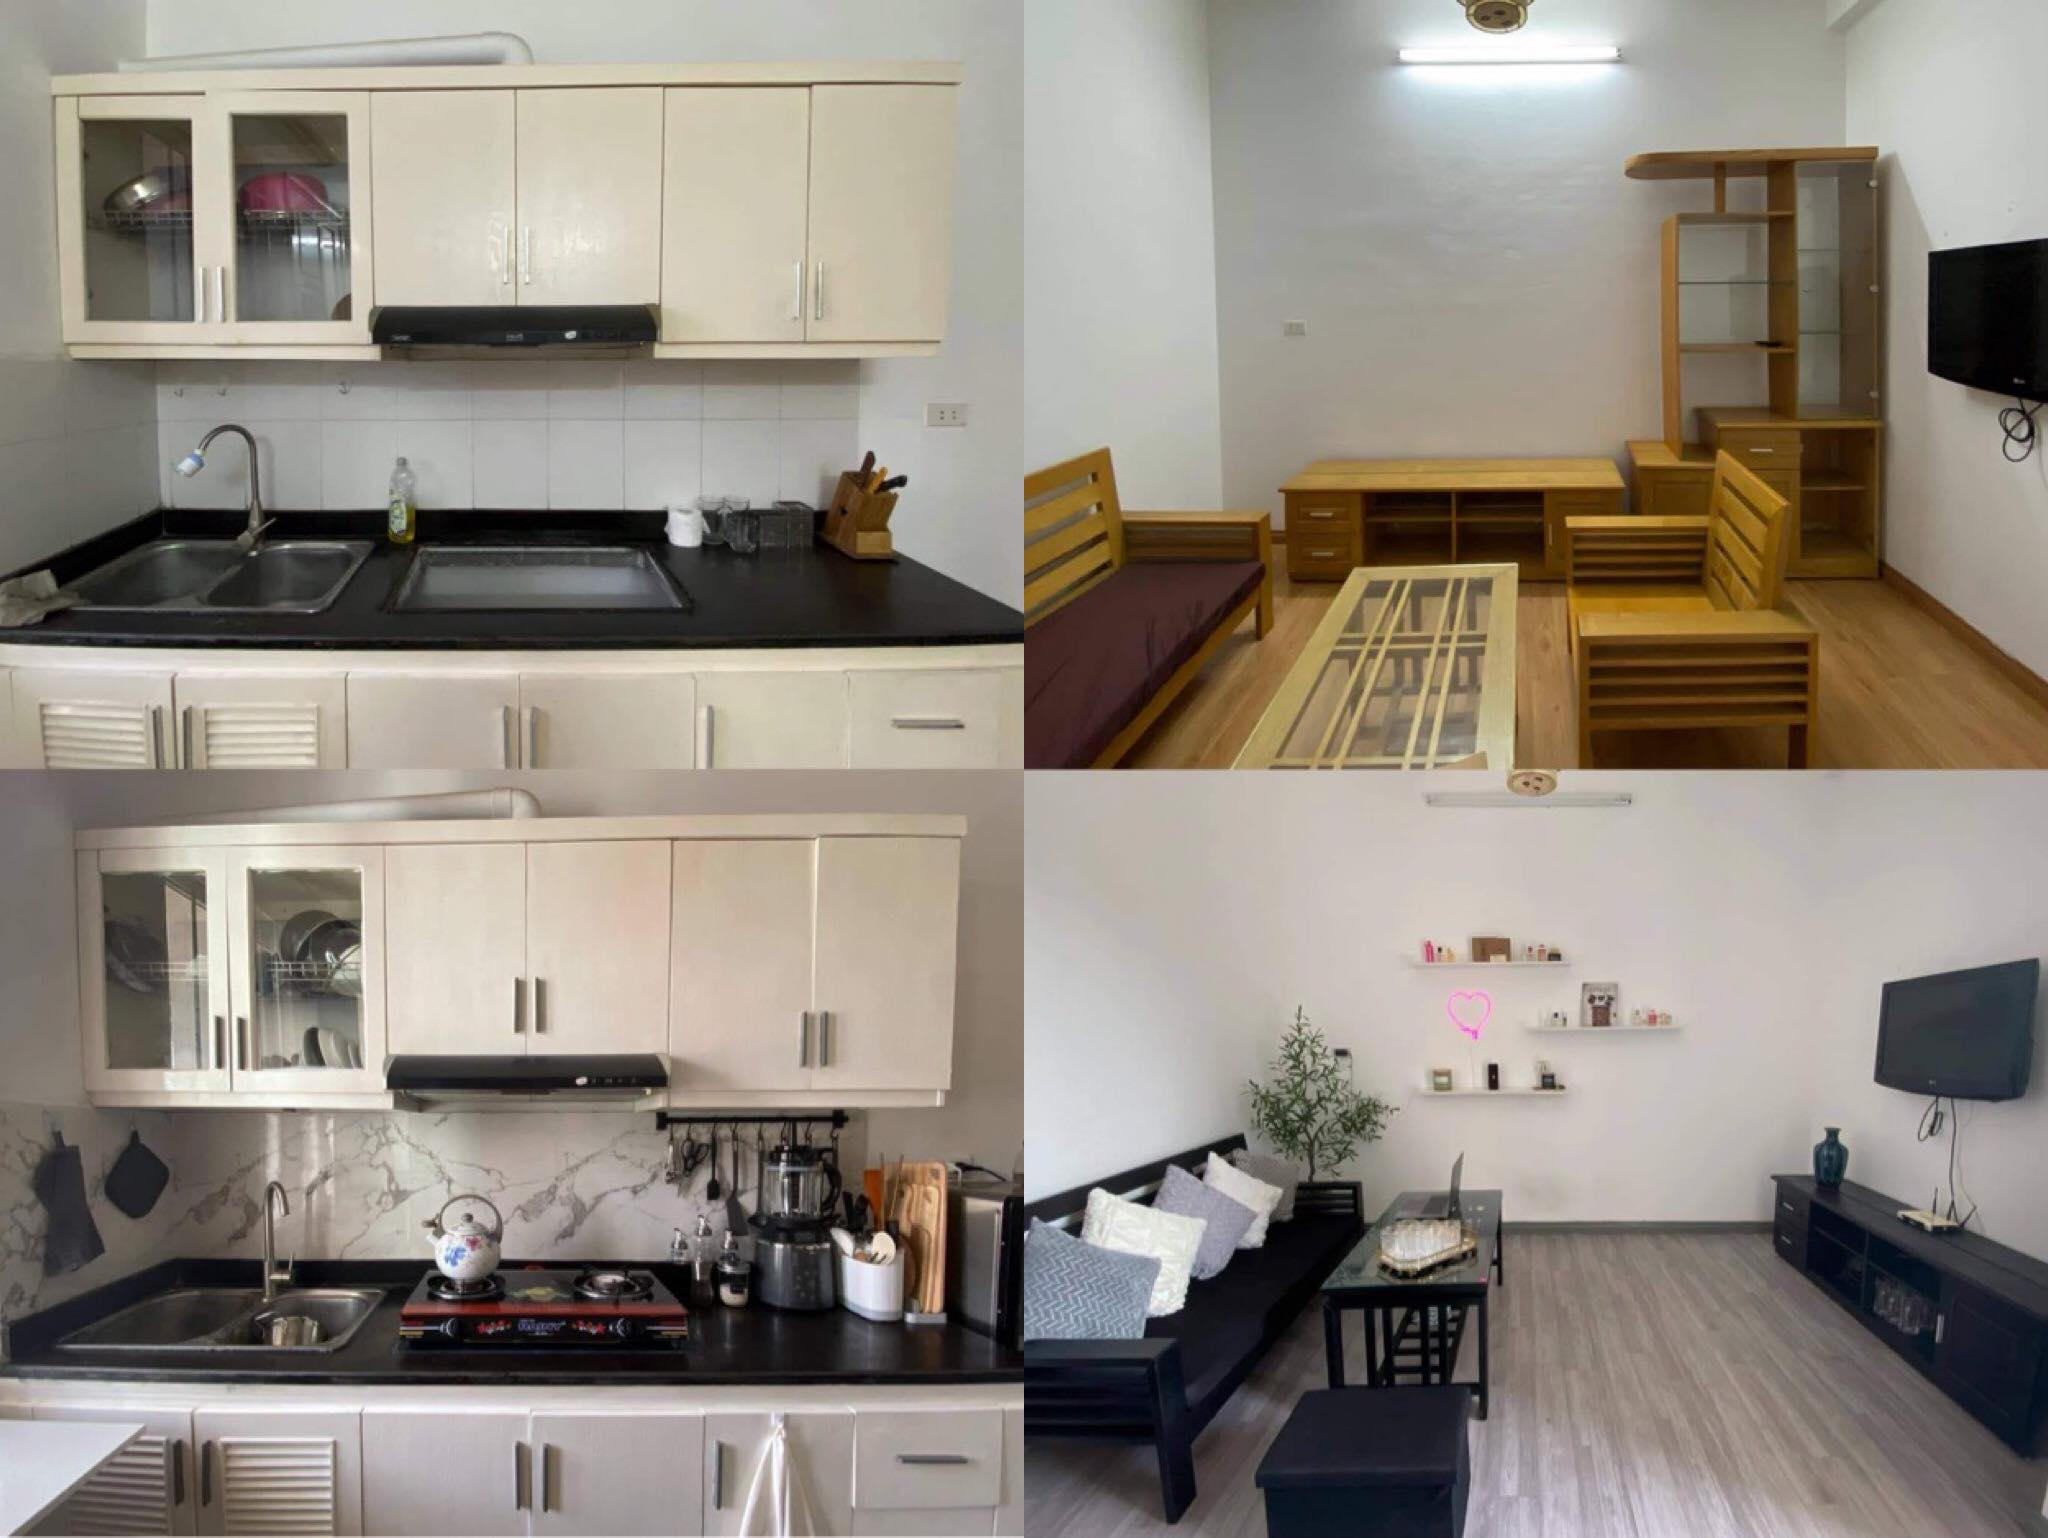 Đôi vợ chồng Hà Thành 'biến hóa' căn hộ chật hẹp trở nên RỘNG THÊNH THANG nhờ mẹo nhỏ vô cùng đơn giản này